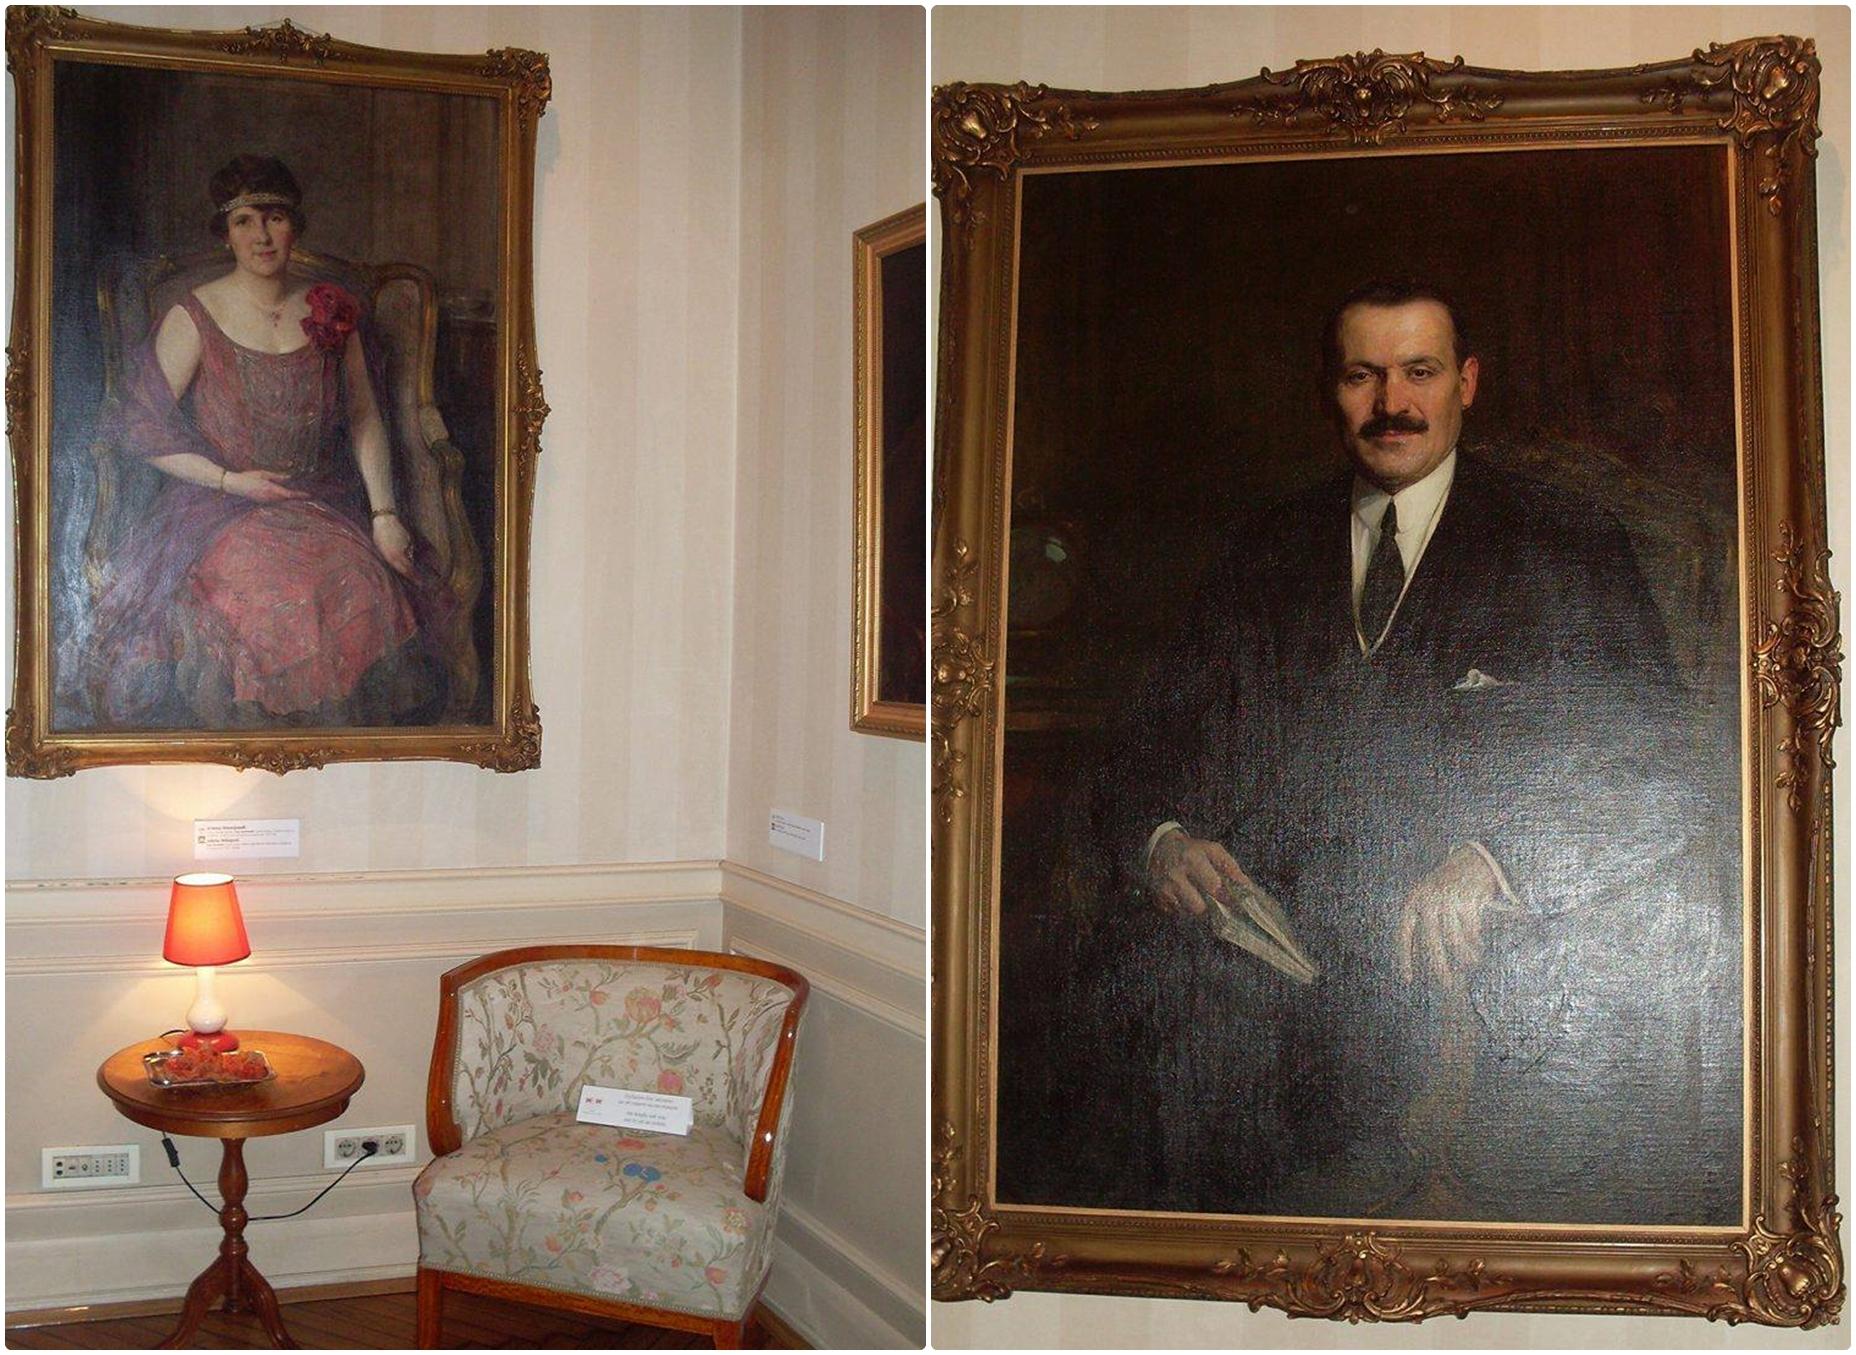 Portret Jelene i Milana Milojevića, slika Paje Jovanovića. / Foto: Suzana Janković.